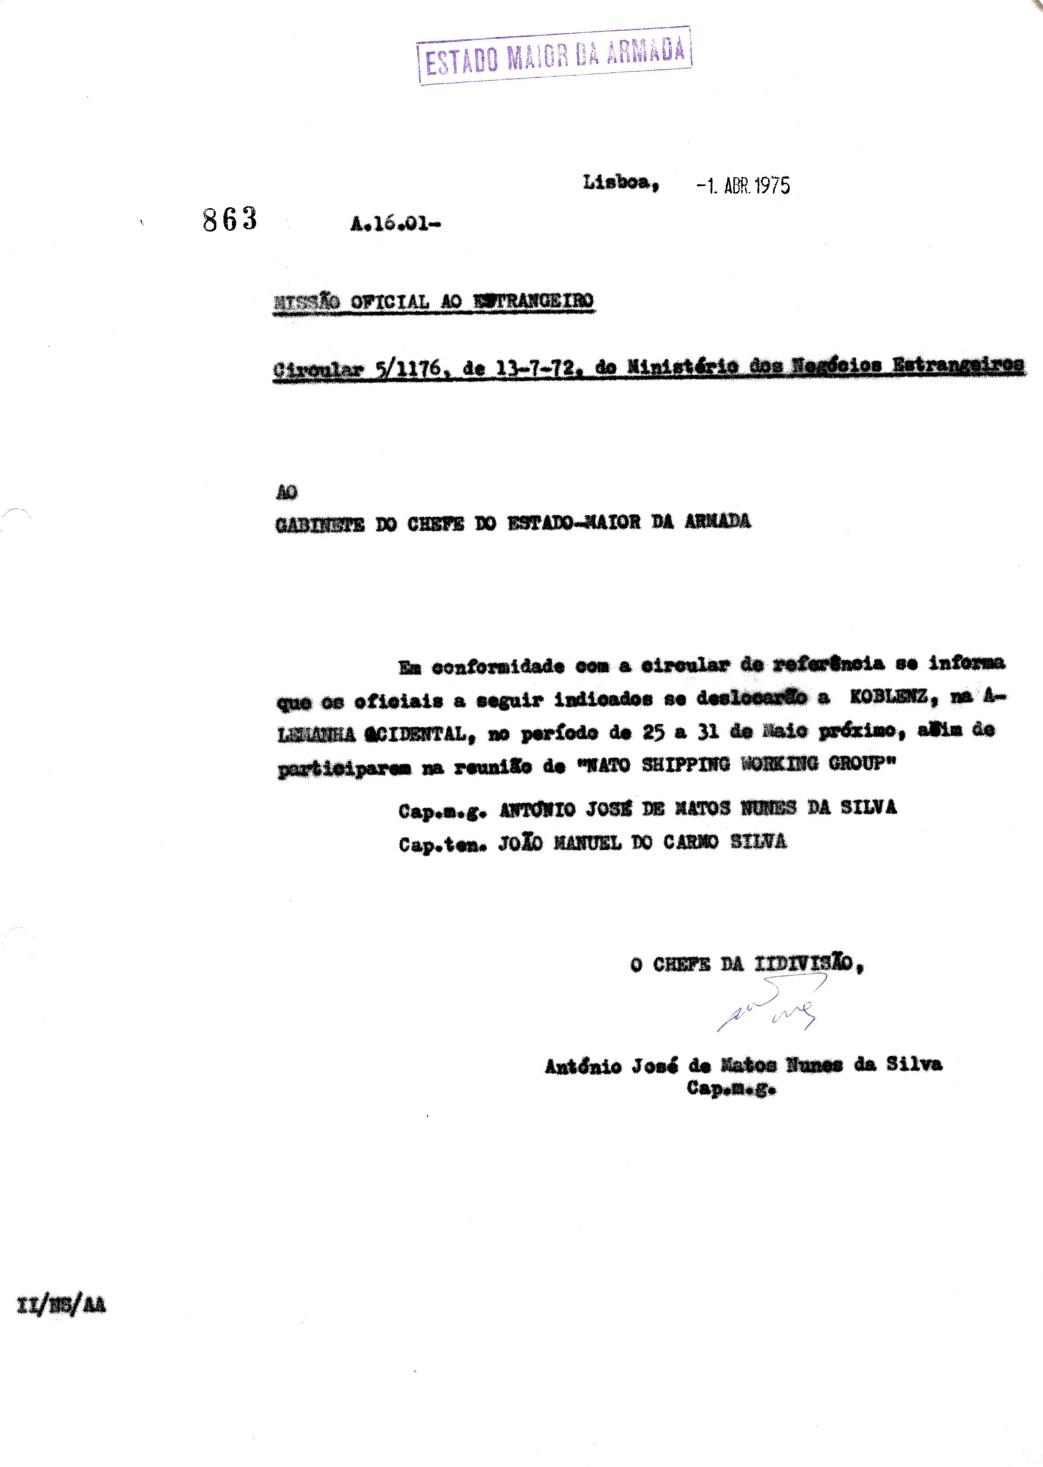 00673 975-04-01 Informação ao Min Negócios Estrangeiros dos oficiais datas e local do NSWG